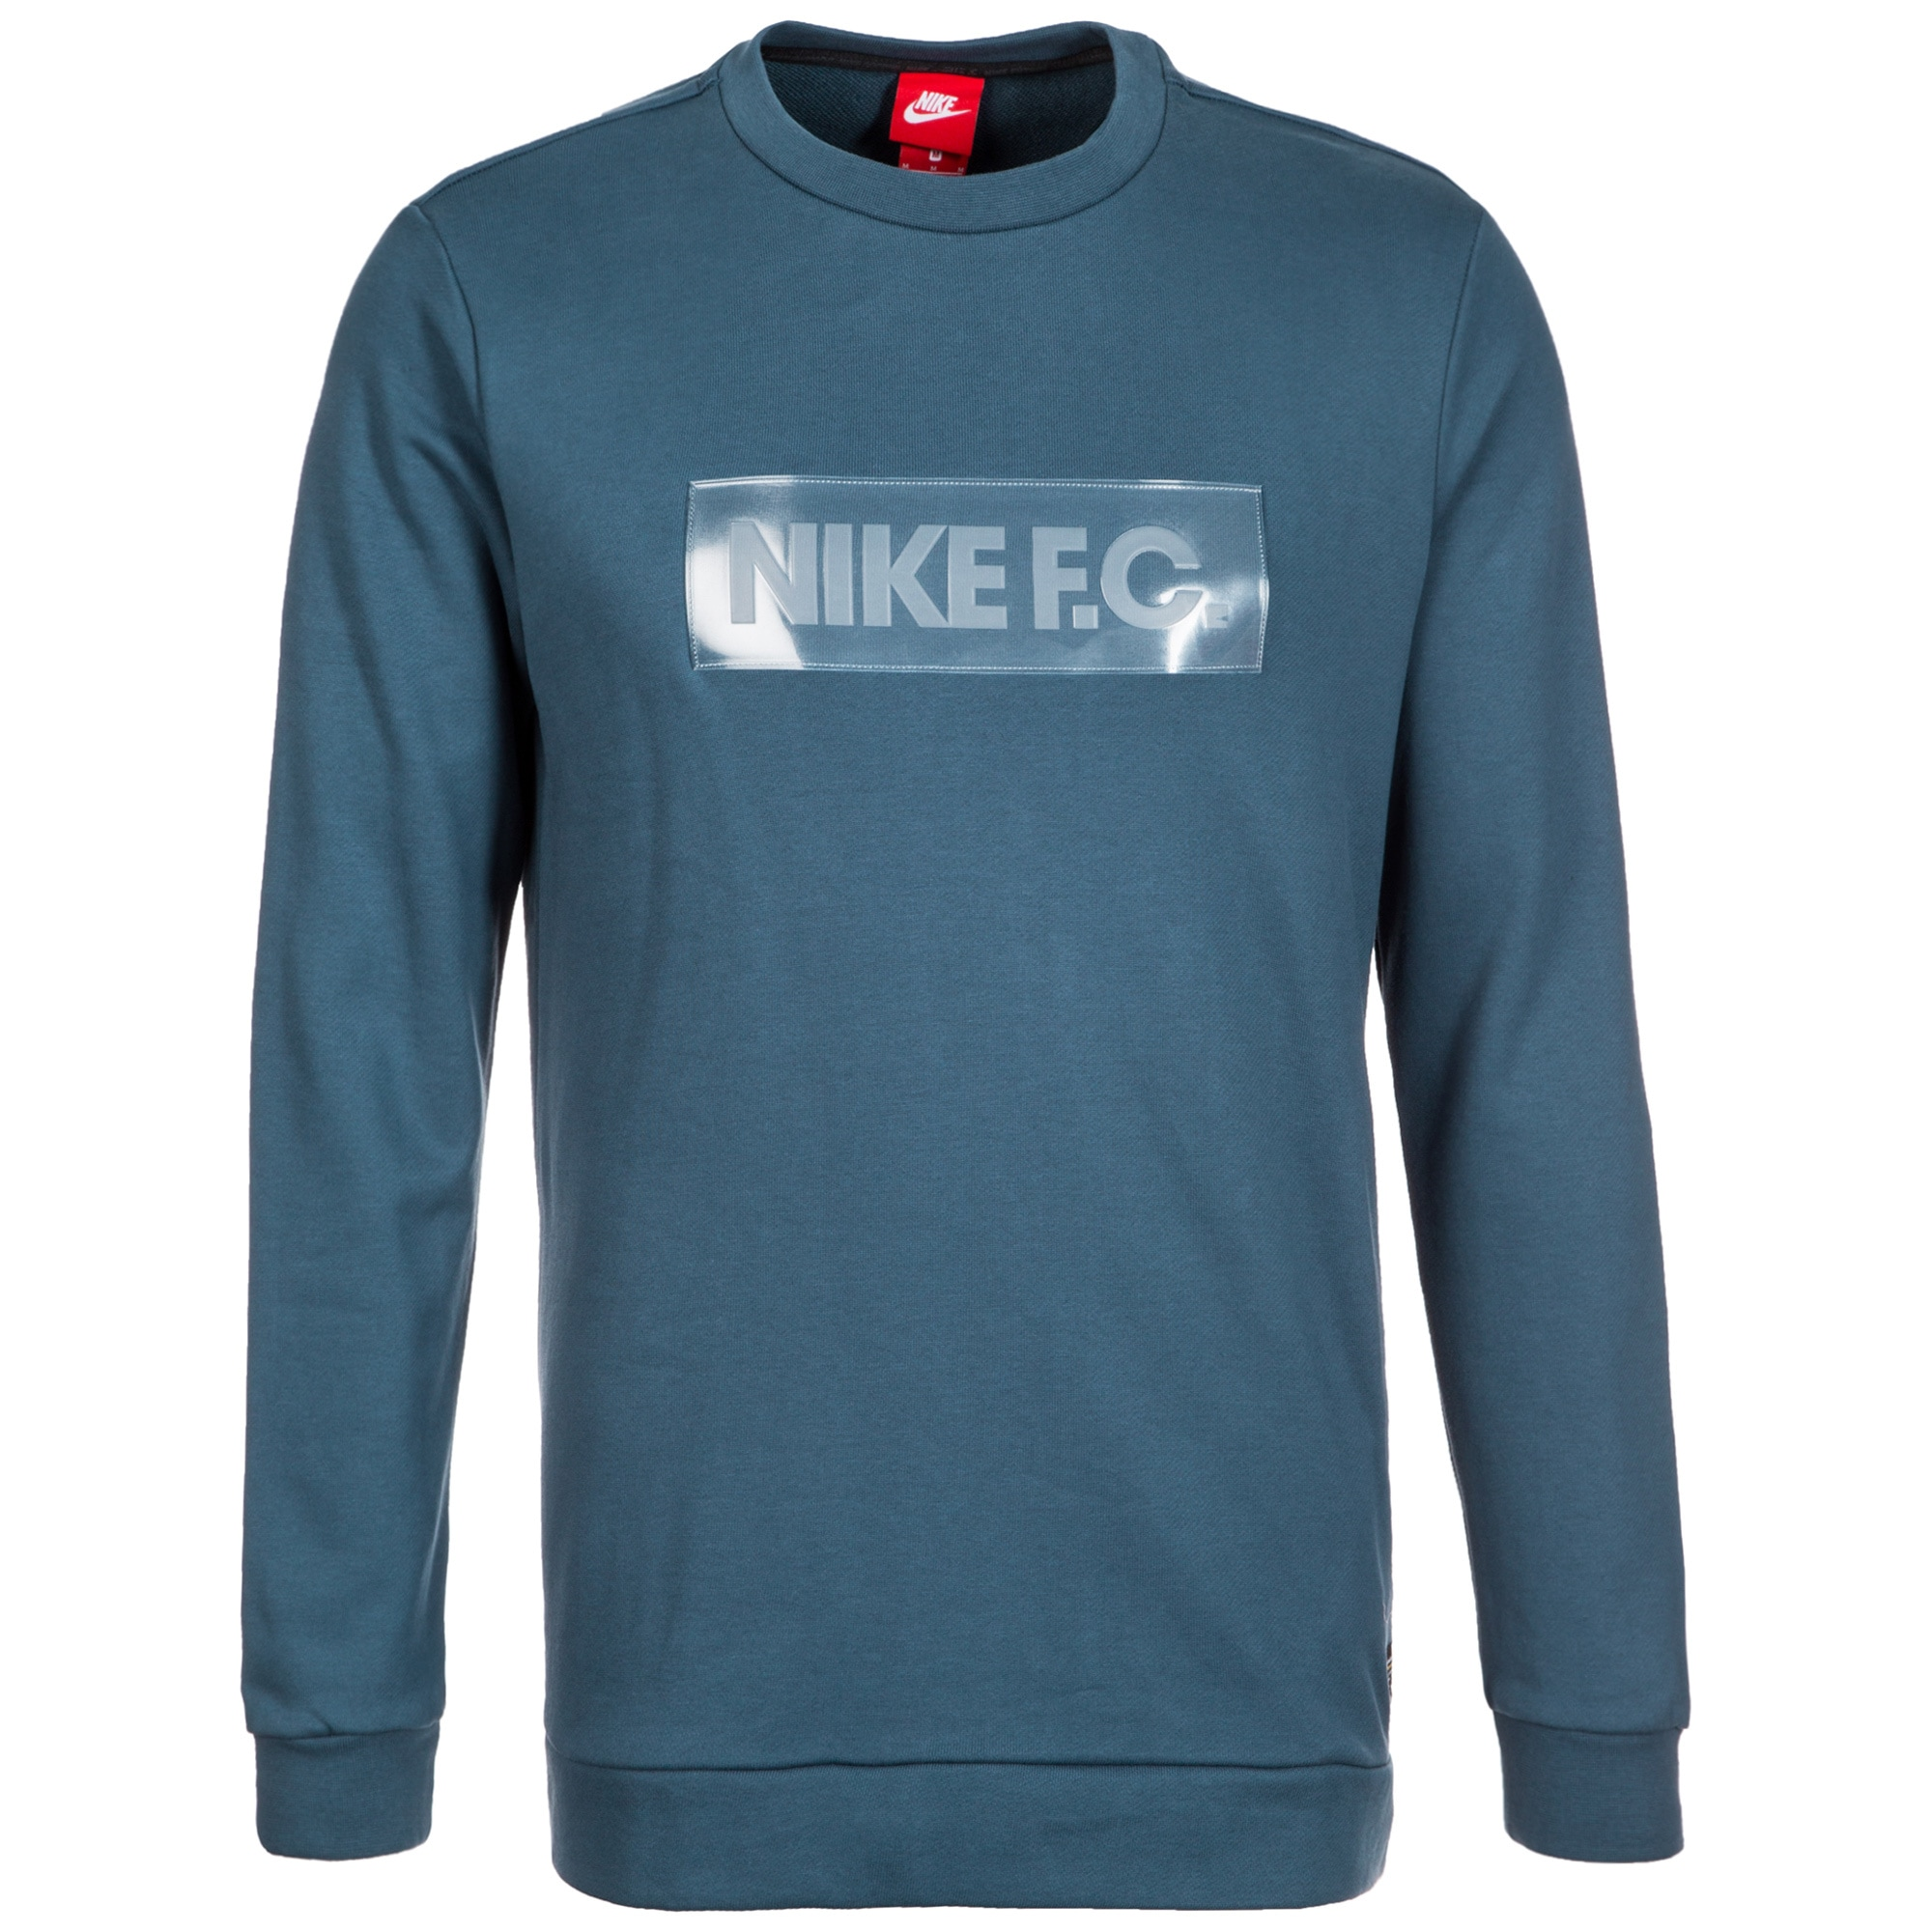 Nike Sportswear FC Sweatshirt Herren | Sportbekleidung > Sportshirts > Funktionsshirts | Nike Sportswear